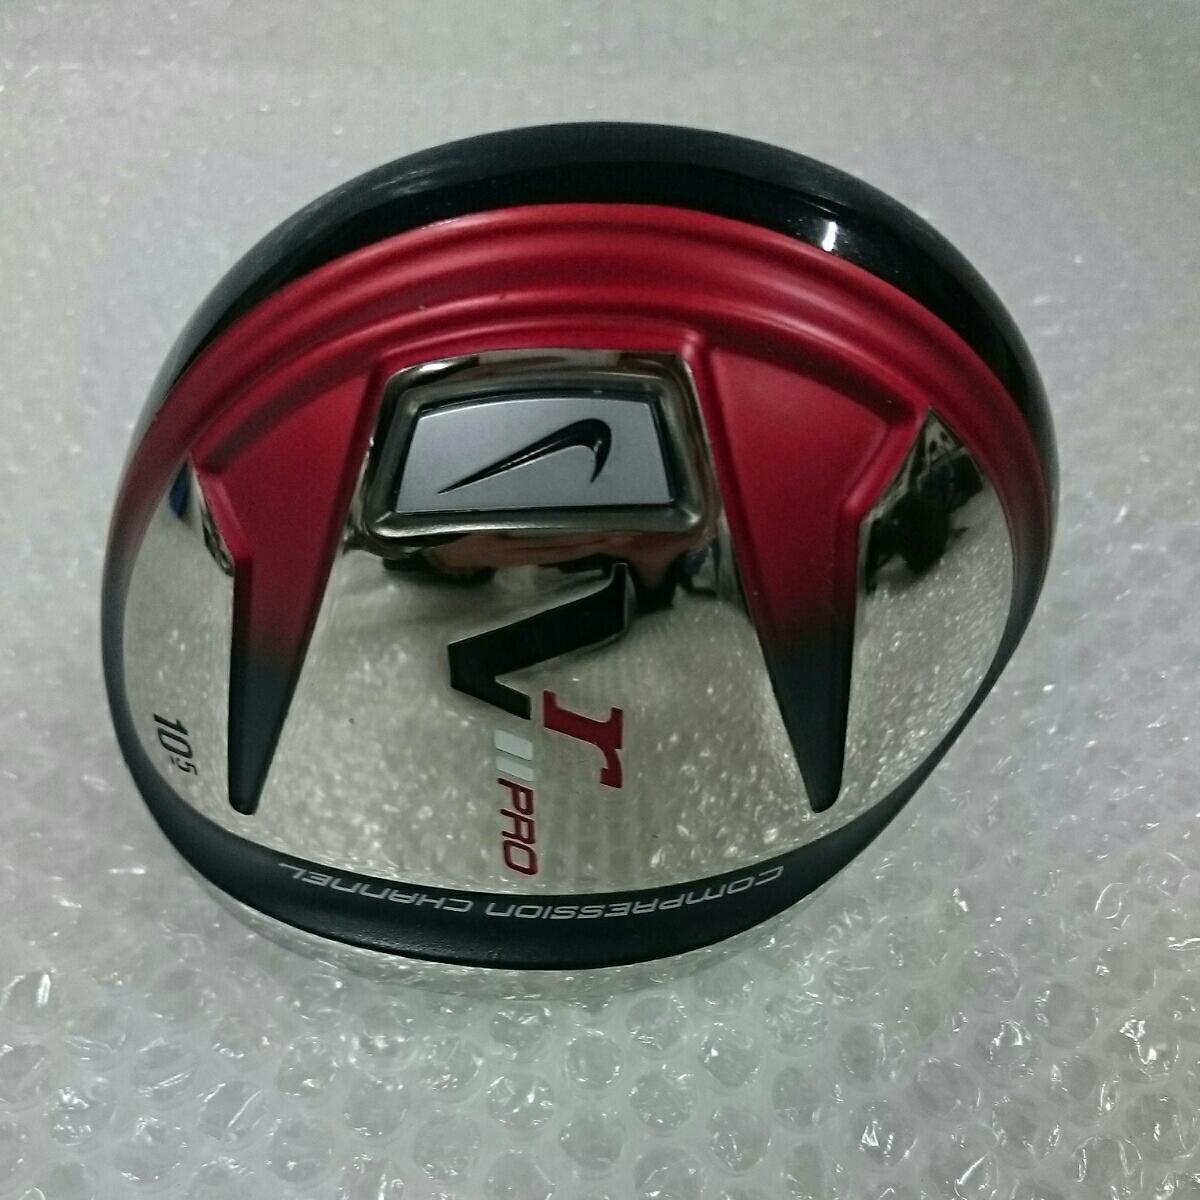 ナイキ NIKE Vr PRO 10.5° STR8-FIT ドライバー ヘッド